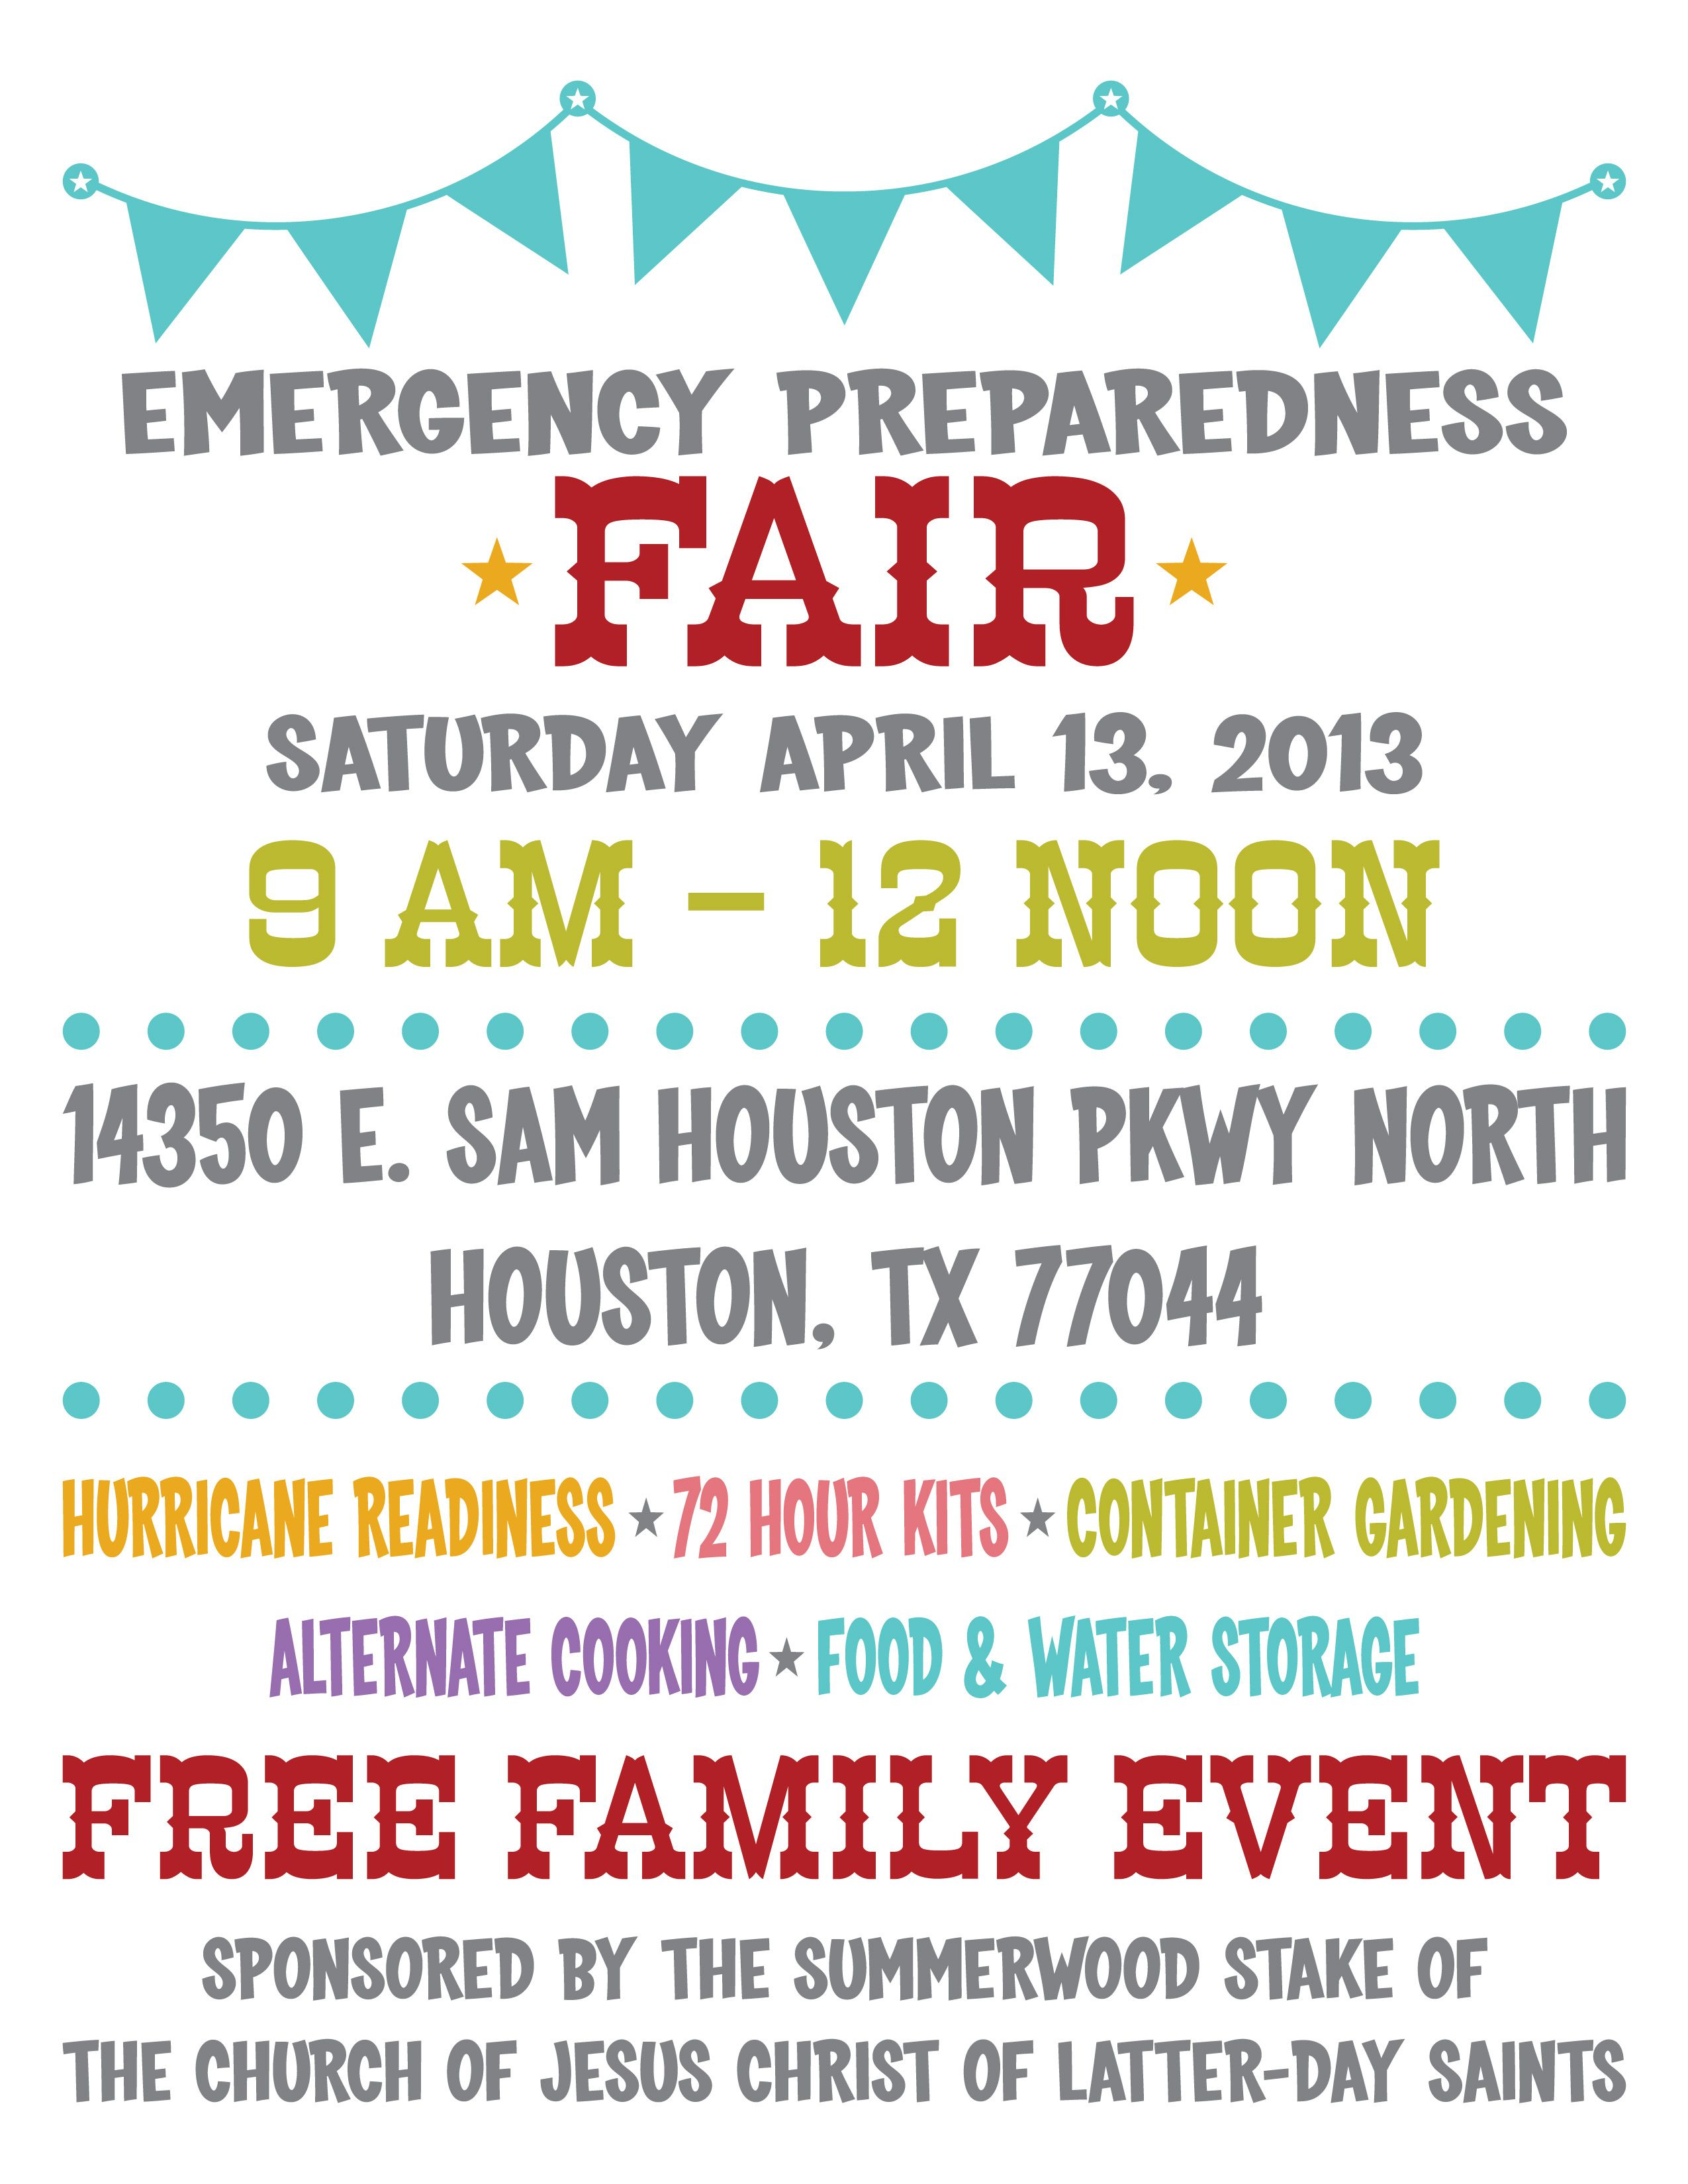 Emergency Preparedness Fair Prepared Housewives Relief